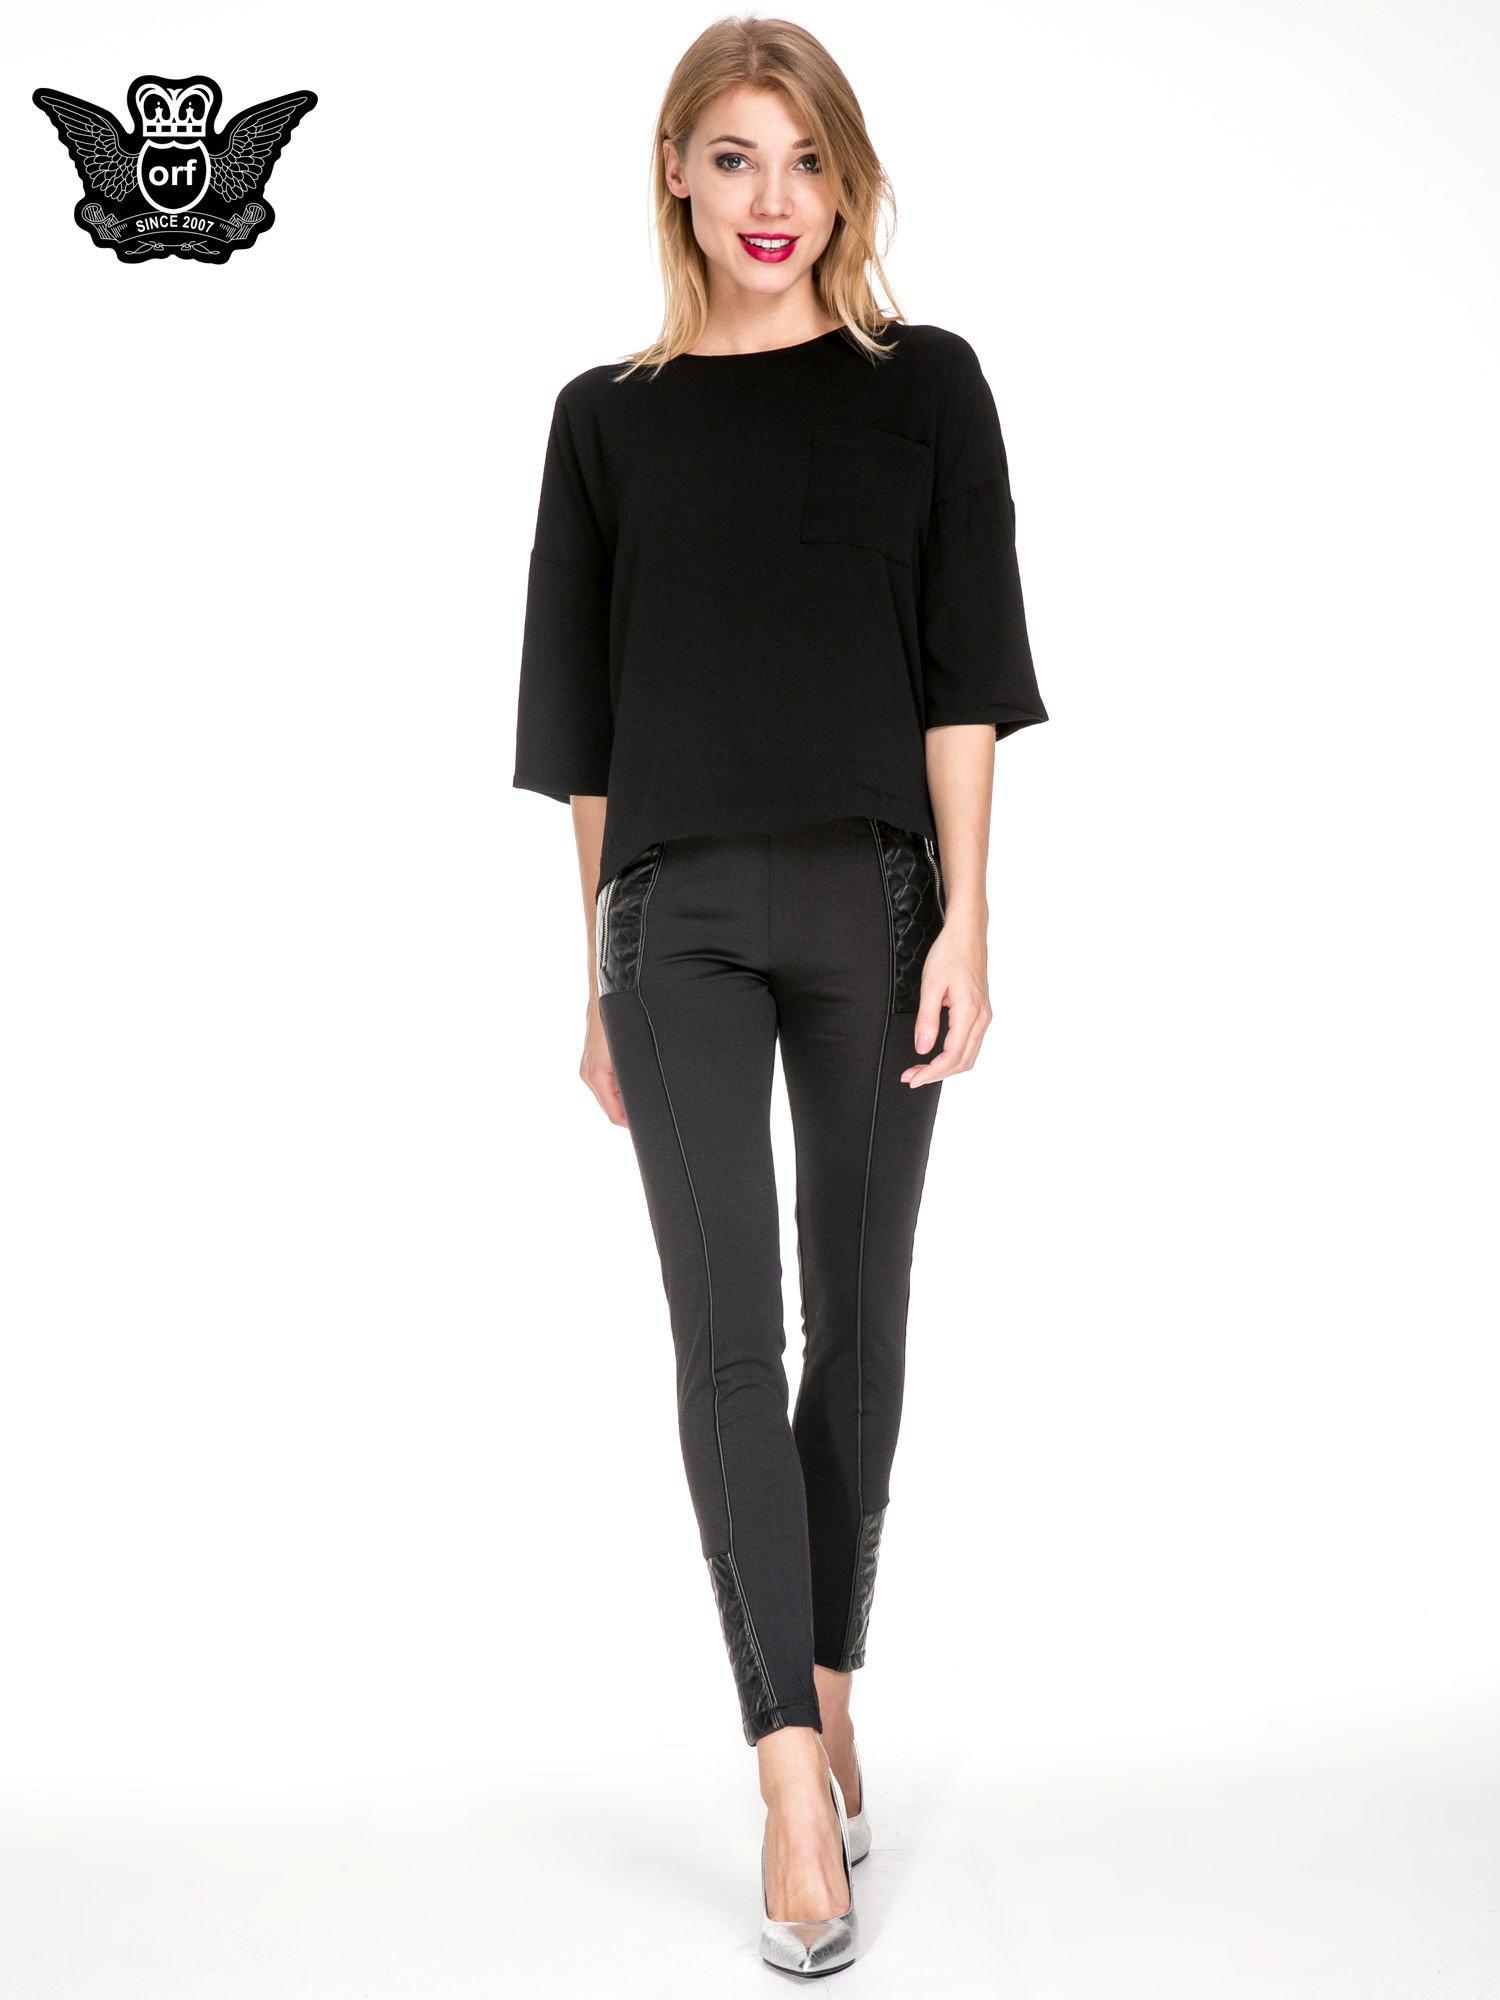 Czarna koszula z obniżoną linią ramion i kieszonką                                  zdj.                                  4